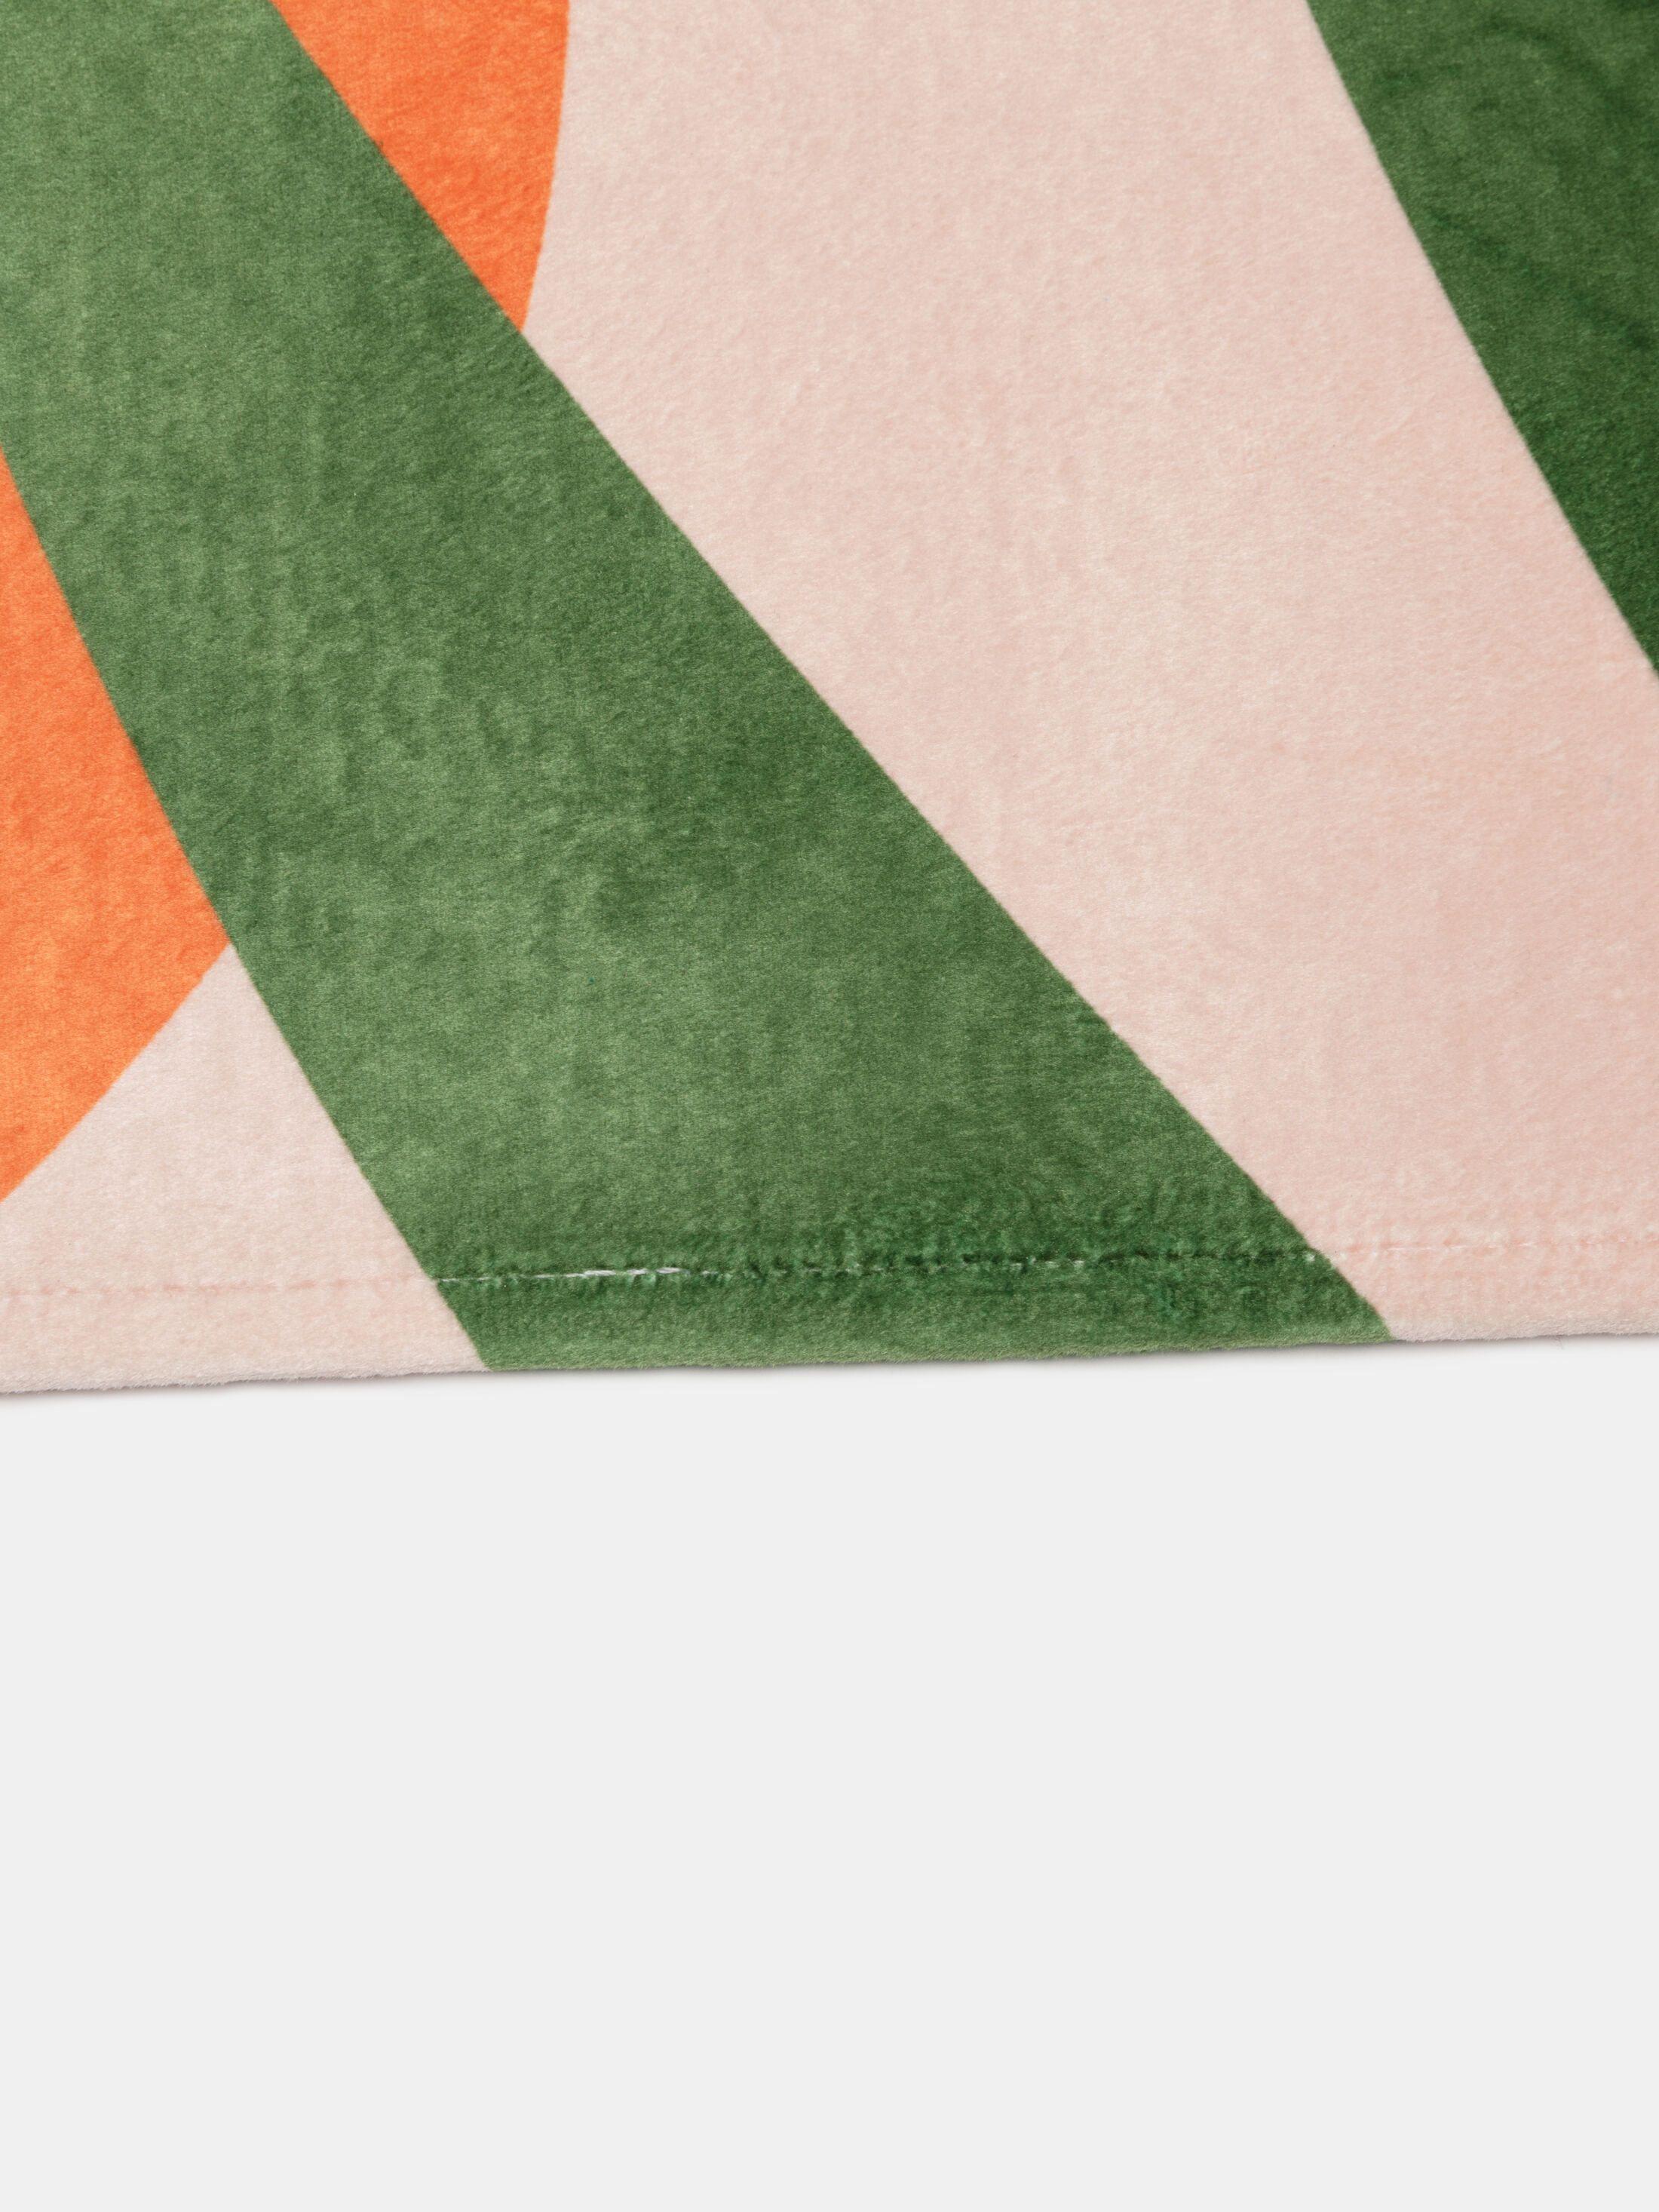 non-slip backing for custom made rugs